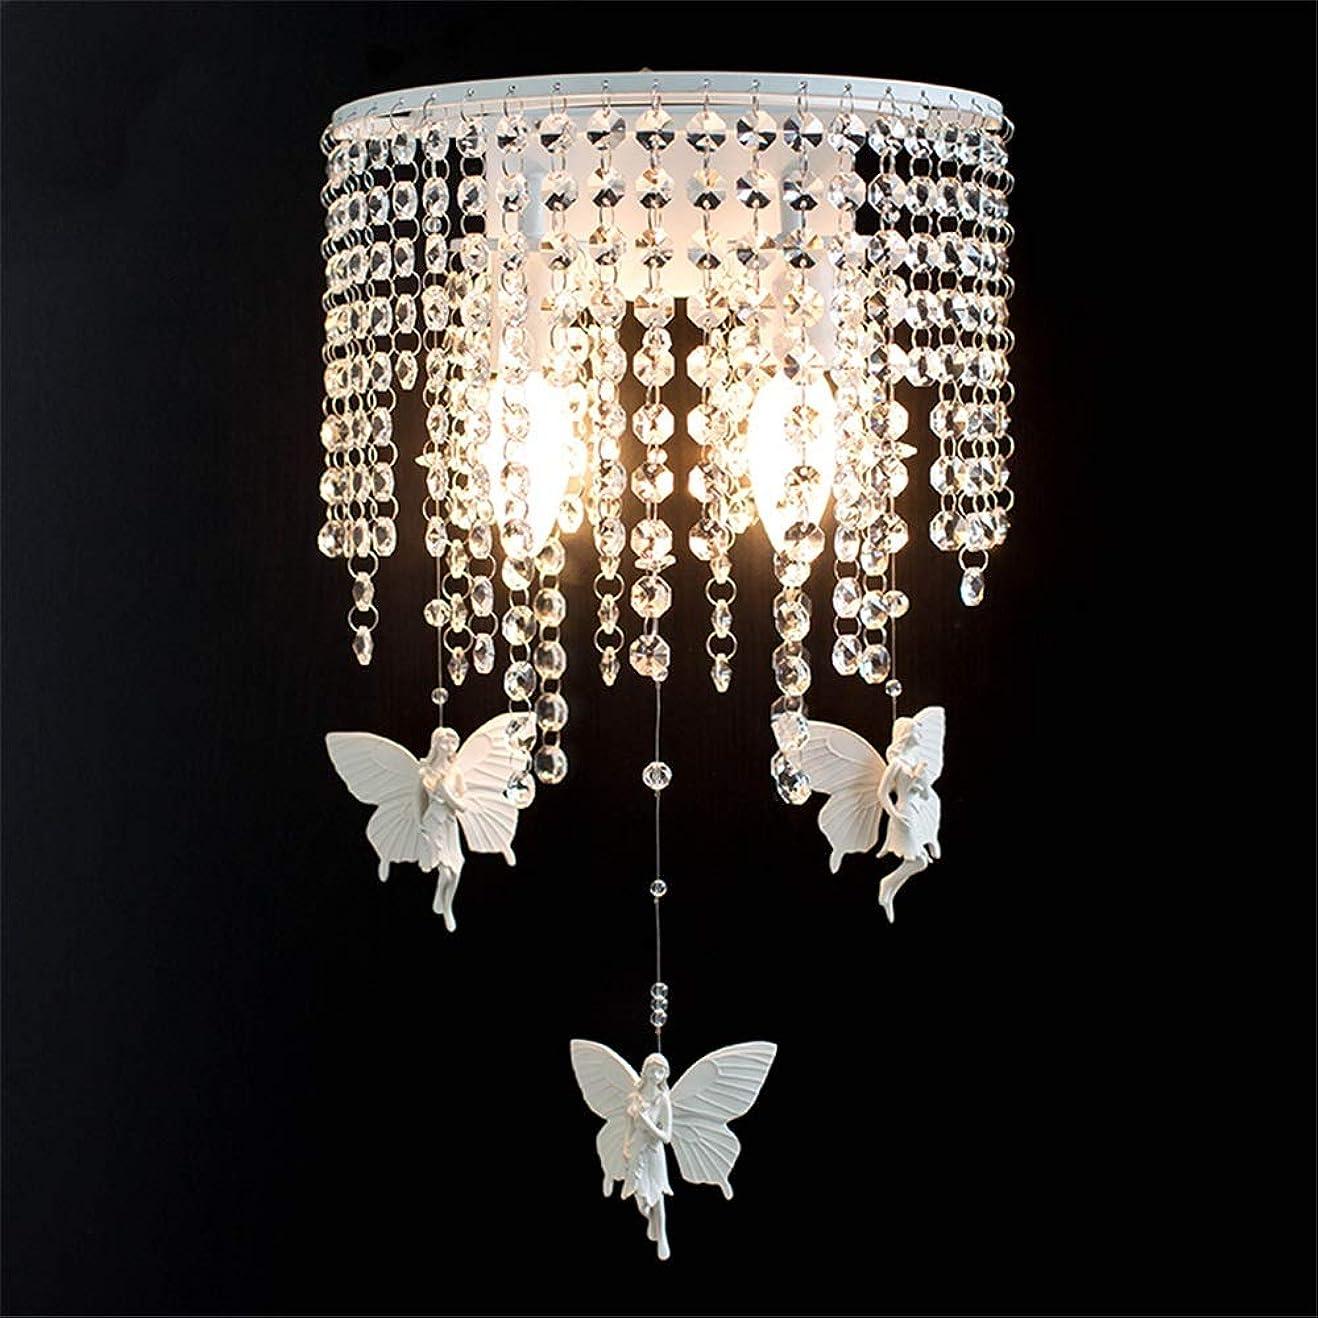 着替えるゆるくきつくウォールランプ 壁ランプの寝室モダンなミニマリストのリビングルームクリスタルランプ通路ランプ壁ランプ壁画ランプ創造的な階段ランプベッドサイドランプを飾る壁ライト (色 : 白, サイズ : 26*42cm)